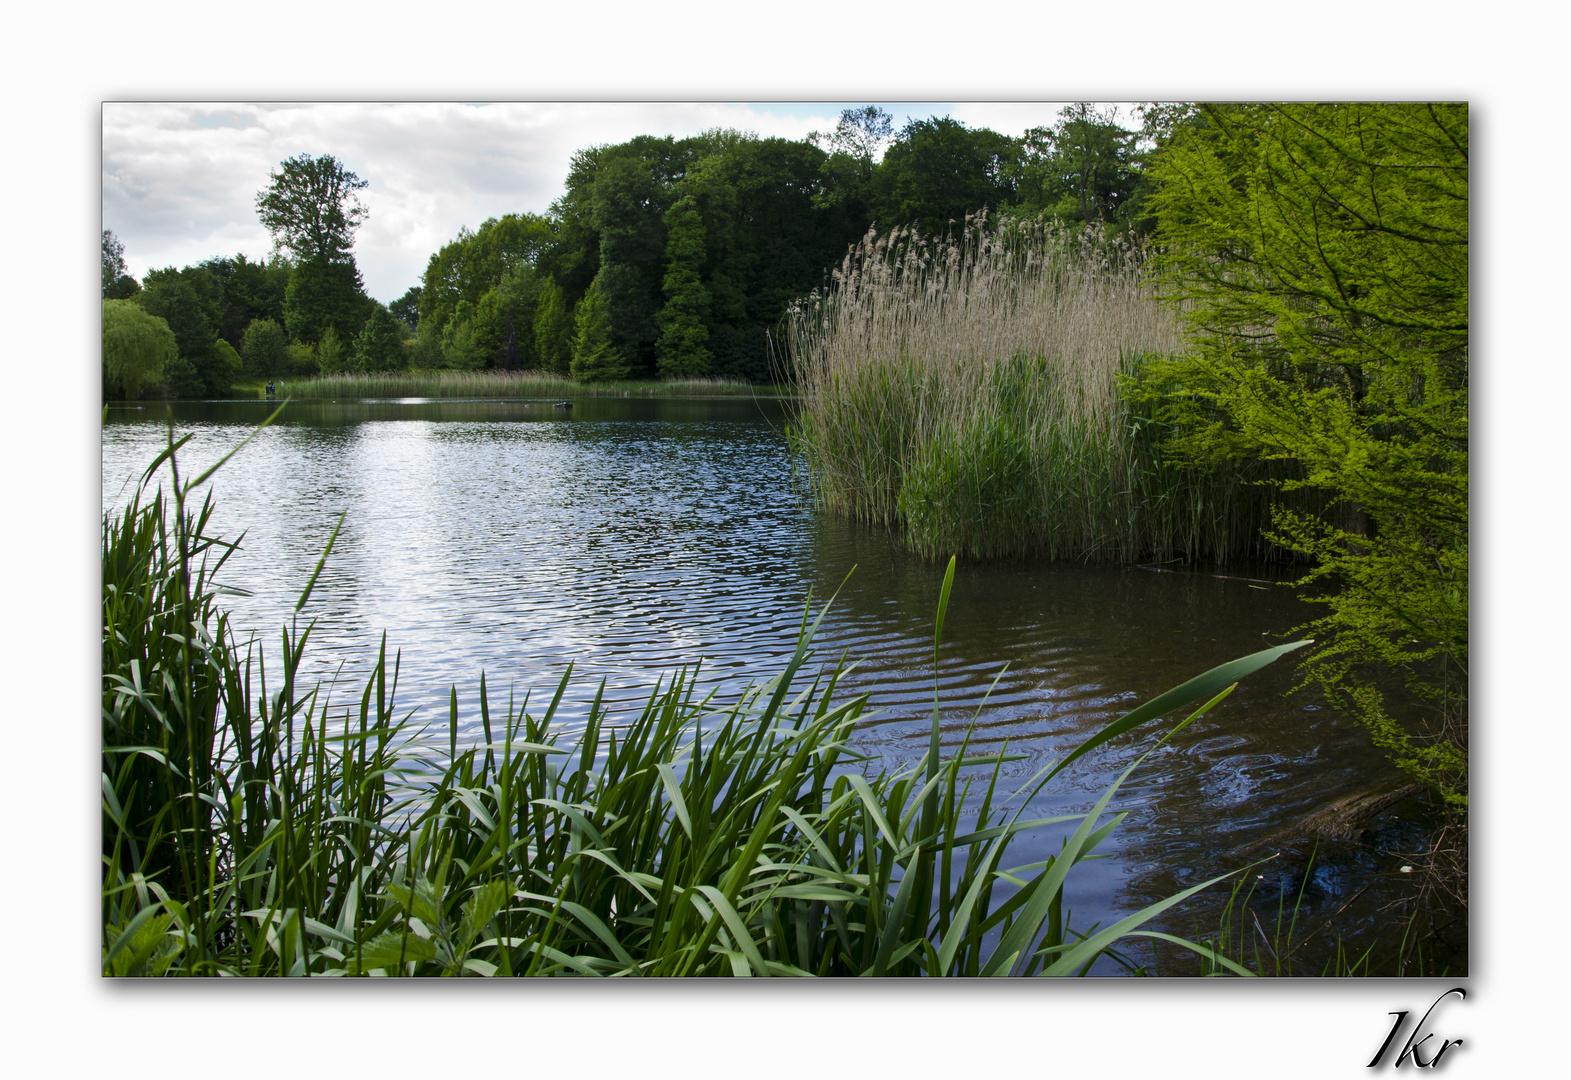 Lac - Parc de Mariemont - Belgium